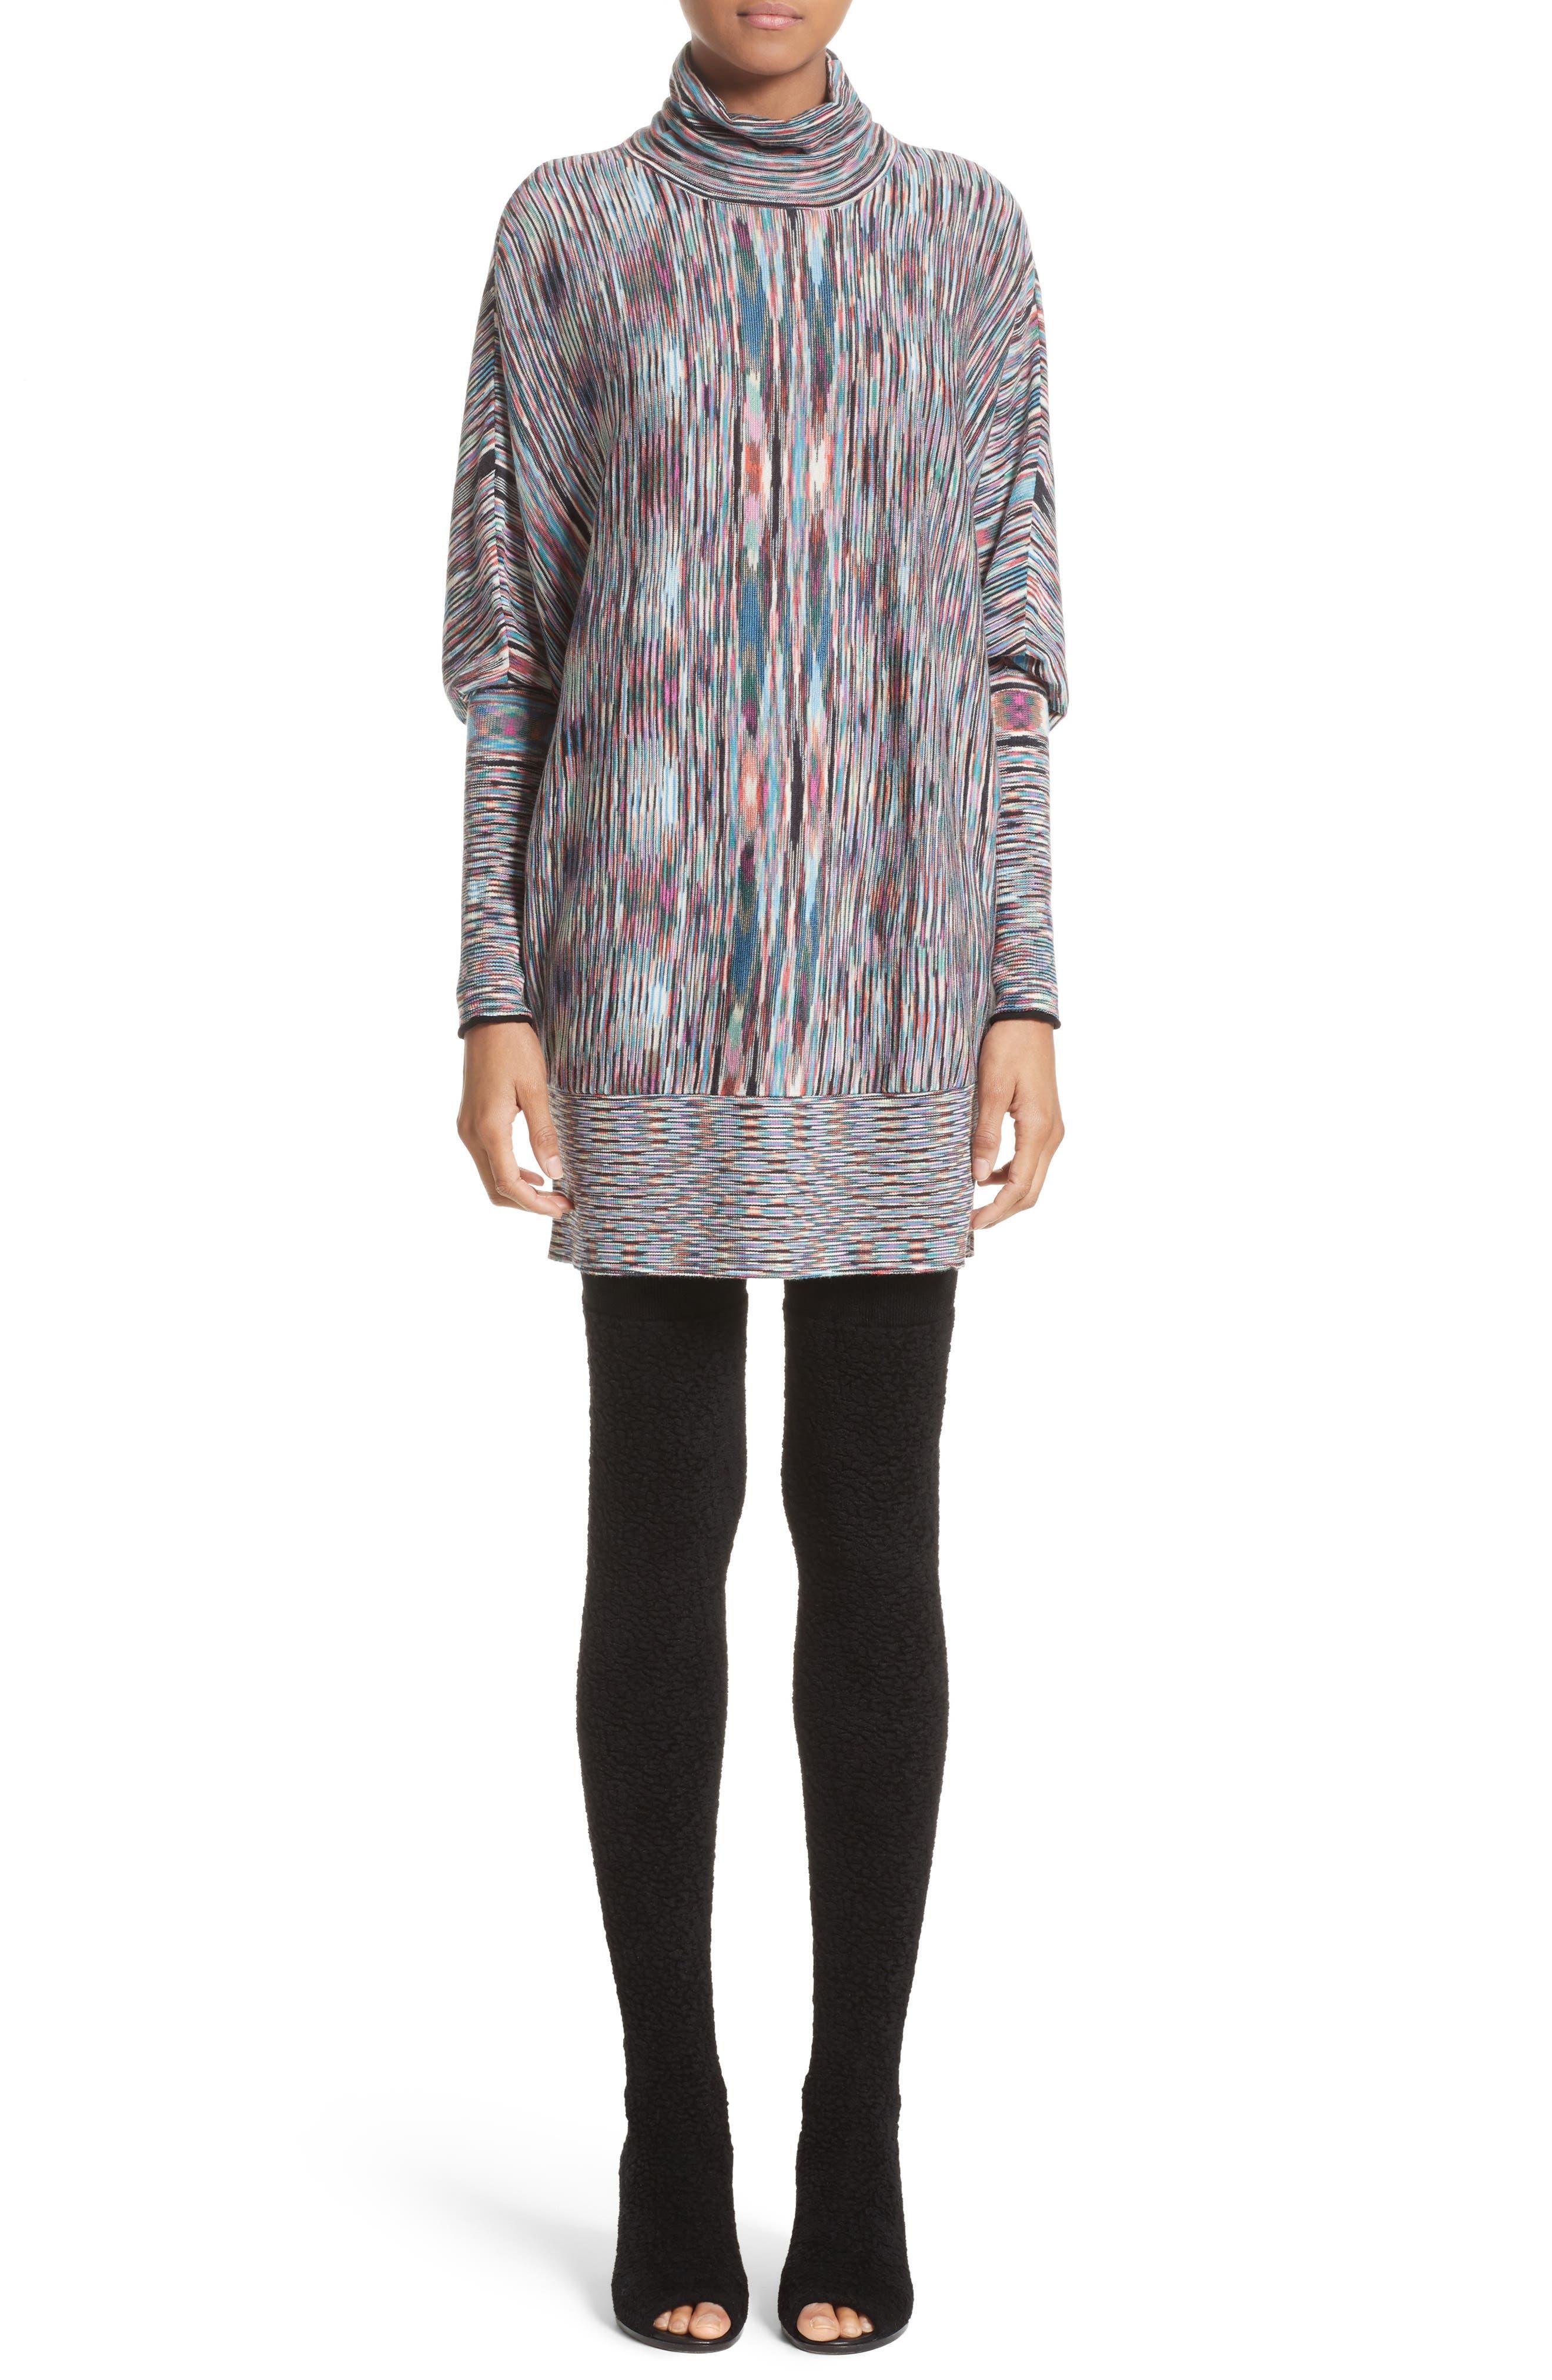 Space Dye Knit Dress,                             Main thumbnail 1, color,                             001